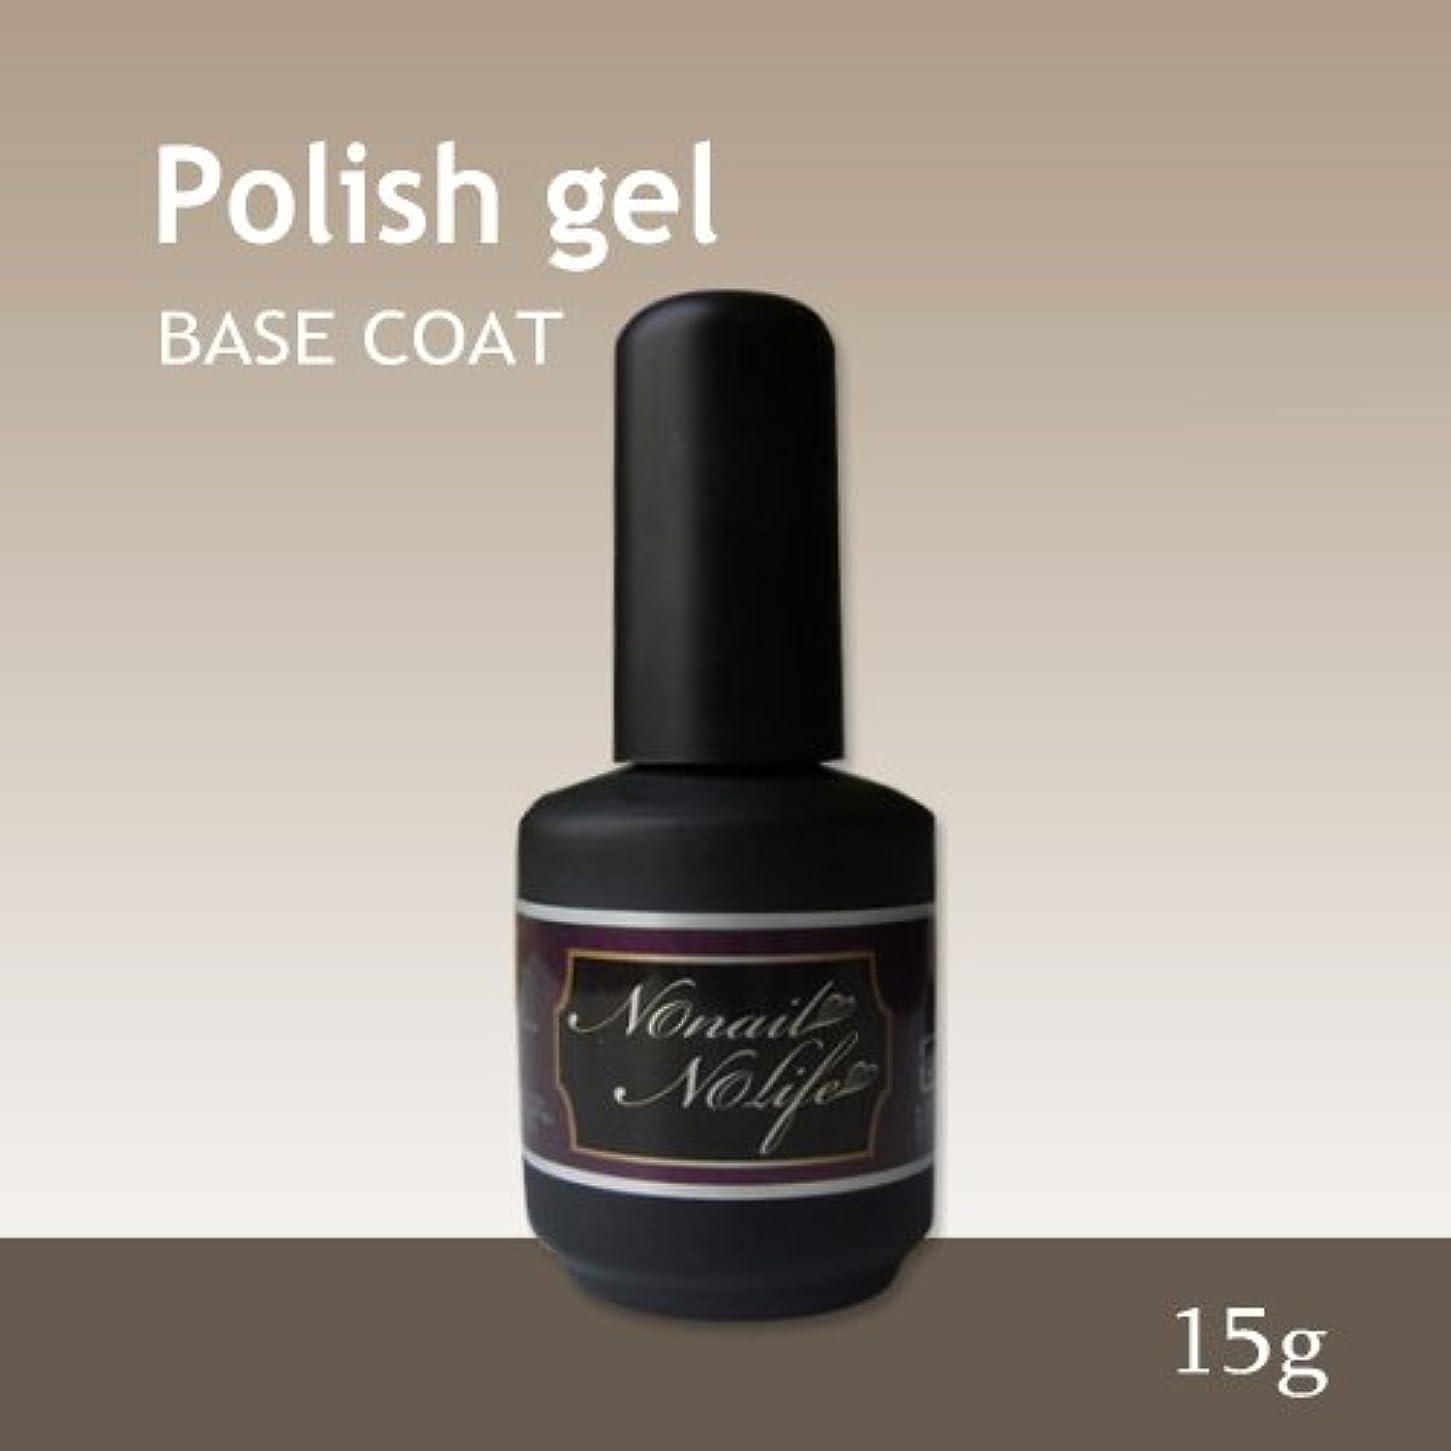 弾丸飢え文庫本ジェルネイル《サンディング不要のベースコート》Natural Polish ポリッシュベースジェル(15g)